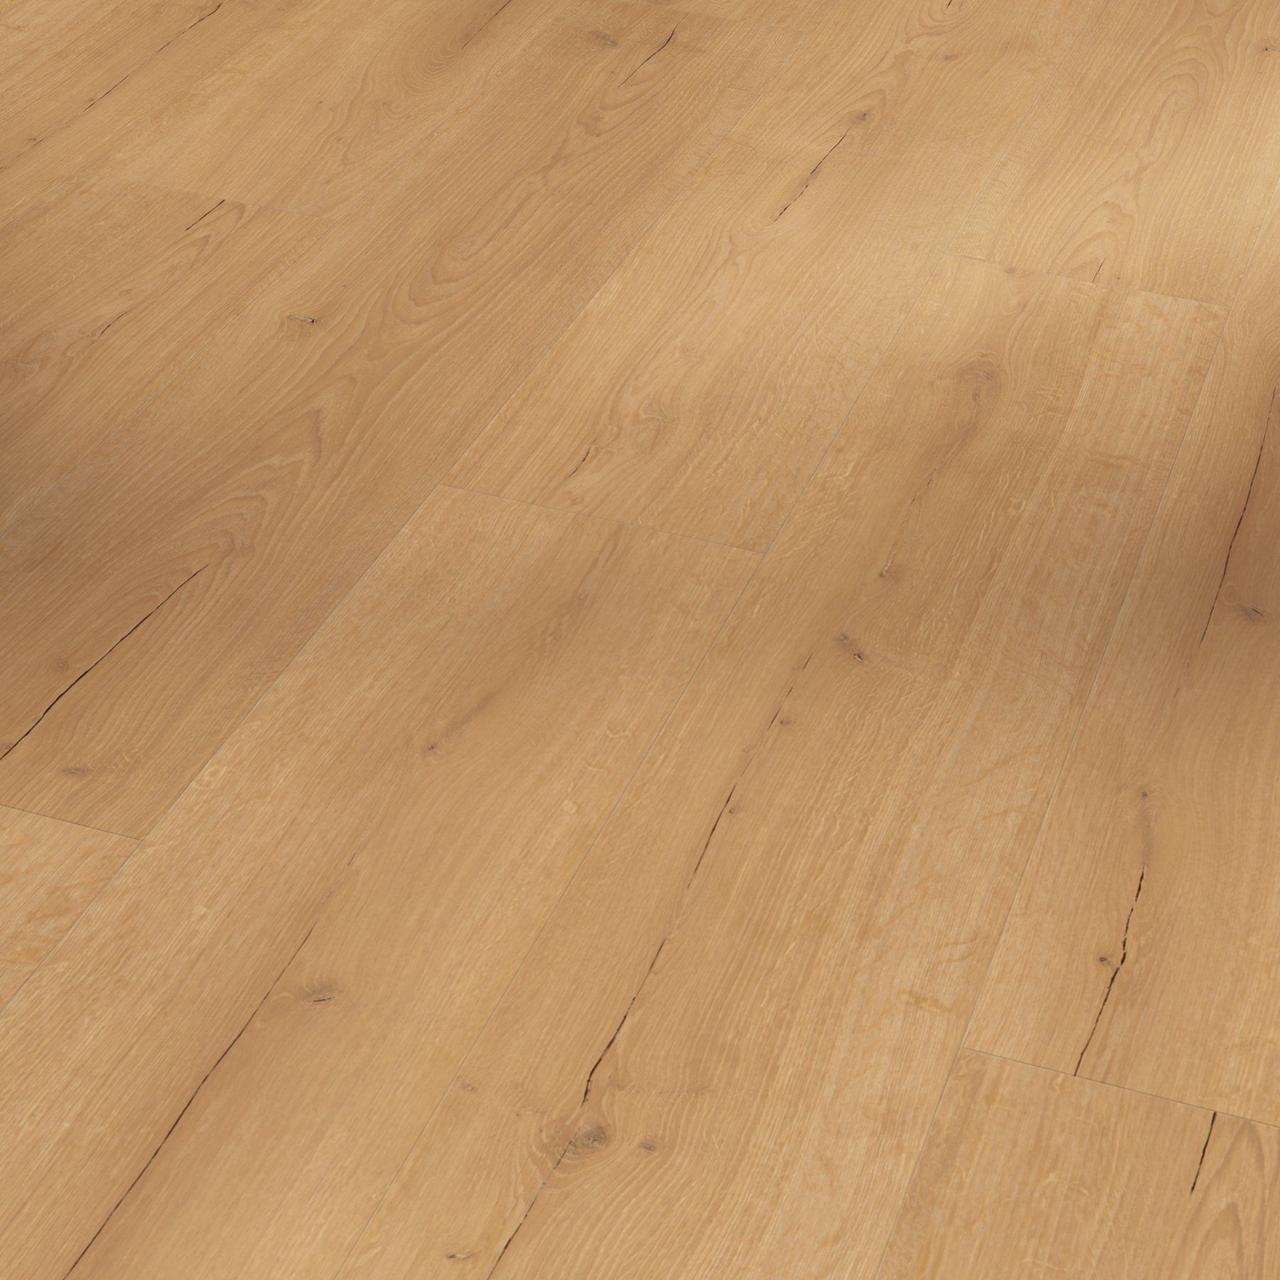 Виниловые покрытия Parador Дуб инфинити натуральный вивид (Oak Infinity natural vivid texture)